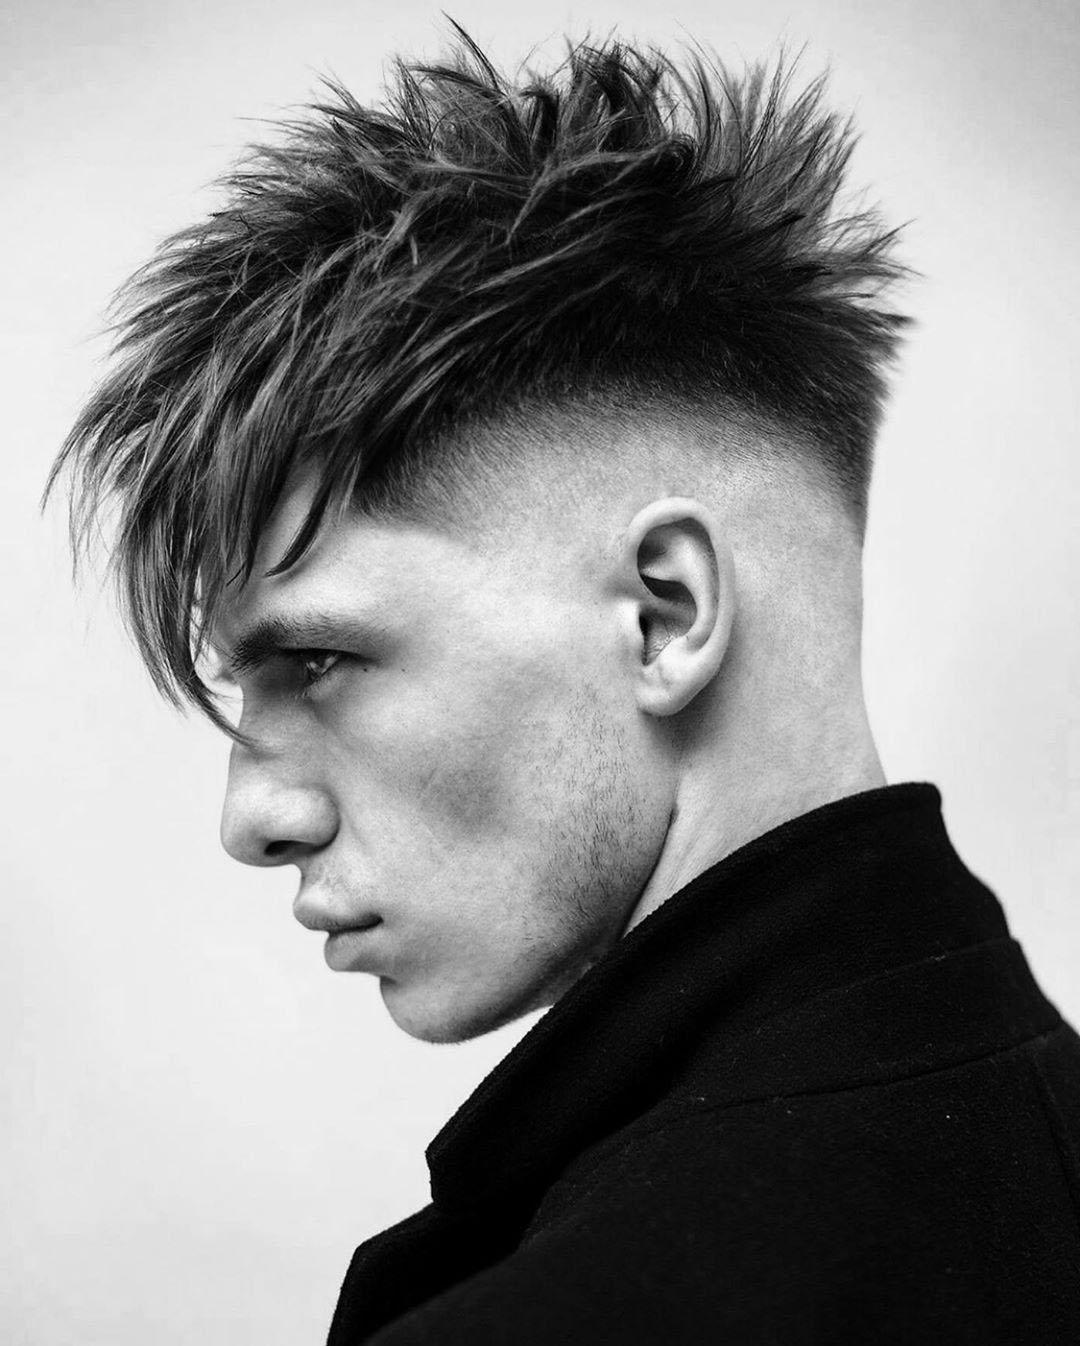 Medium Taper Fade Haircut for Guys